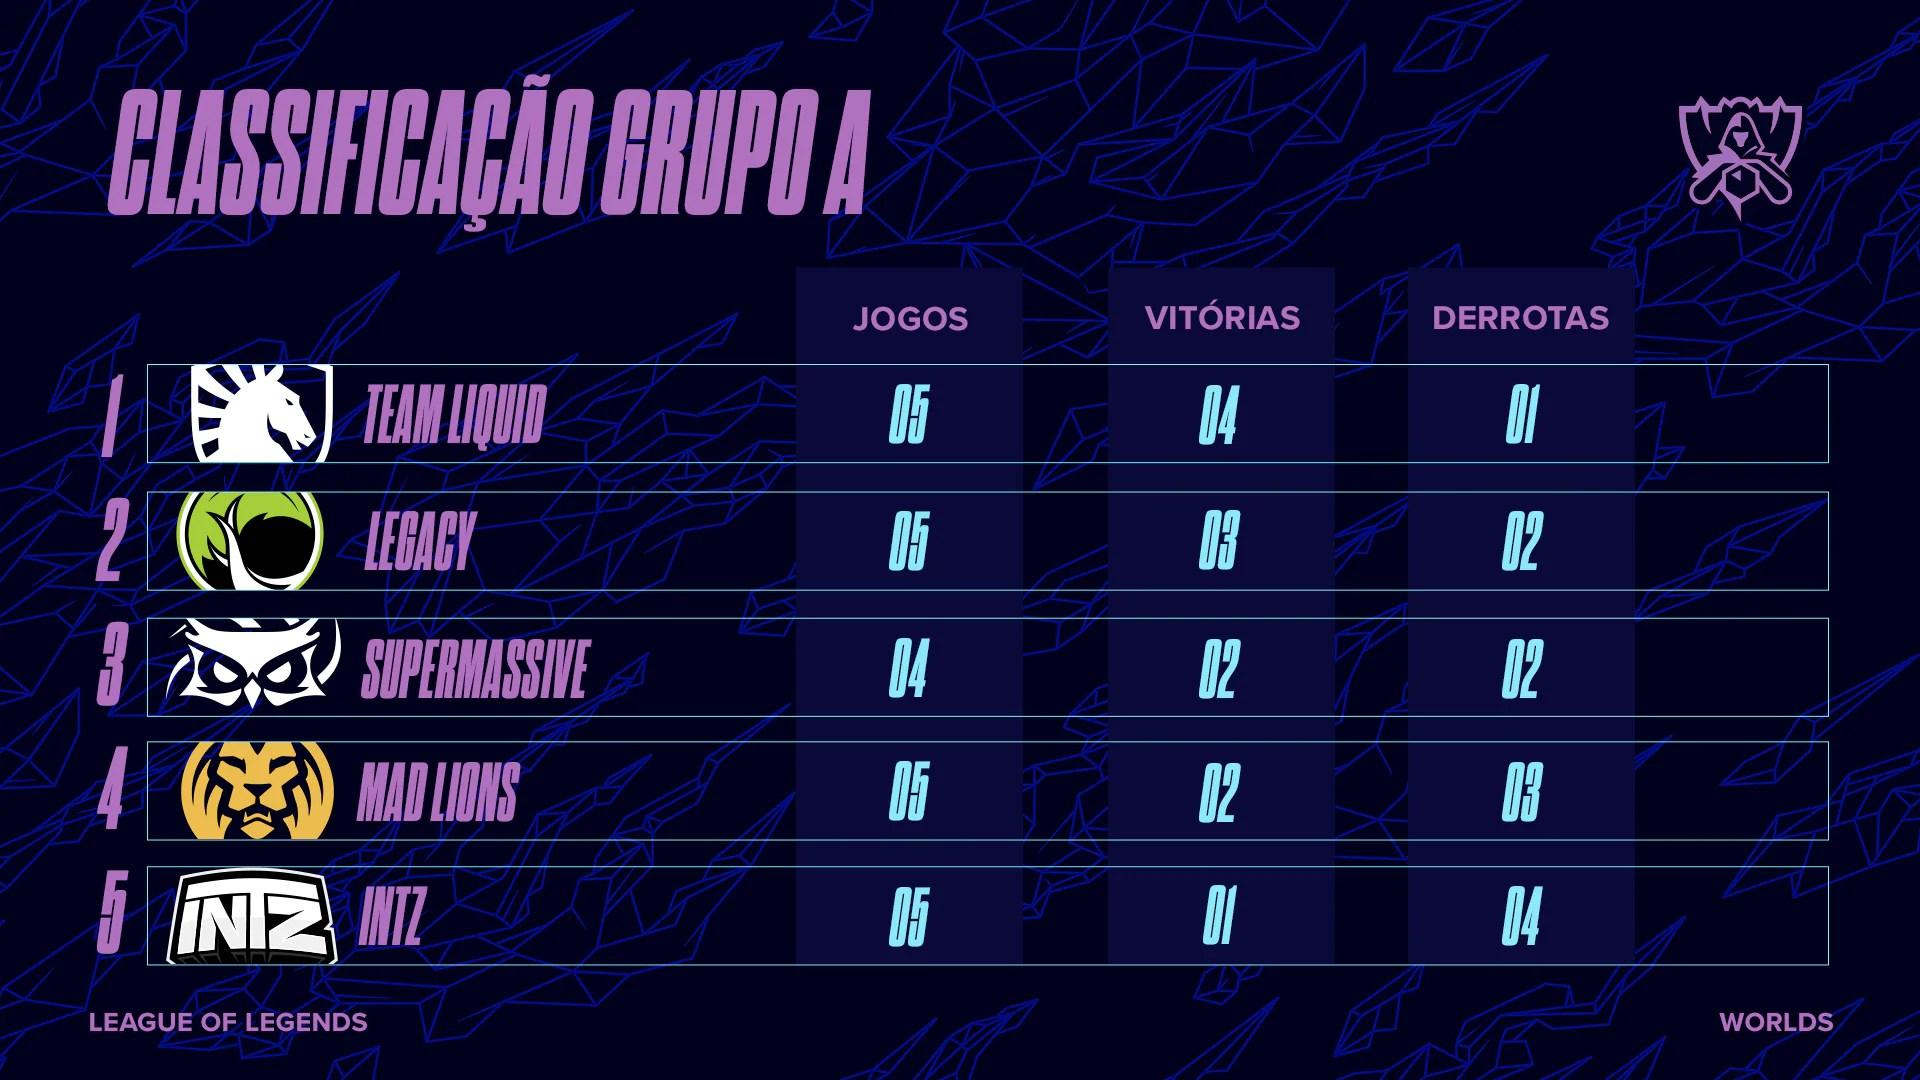 Classificação Grupo A